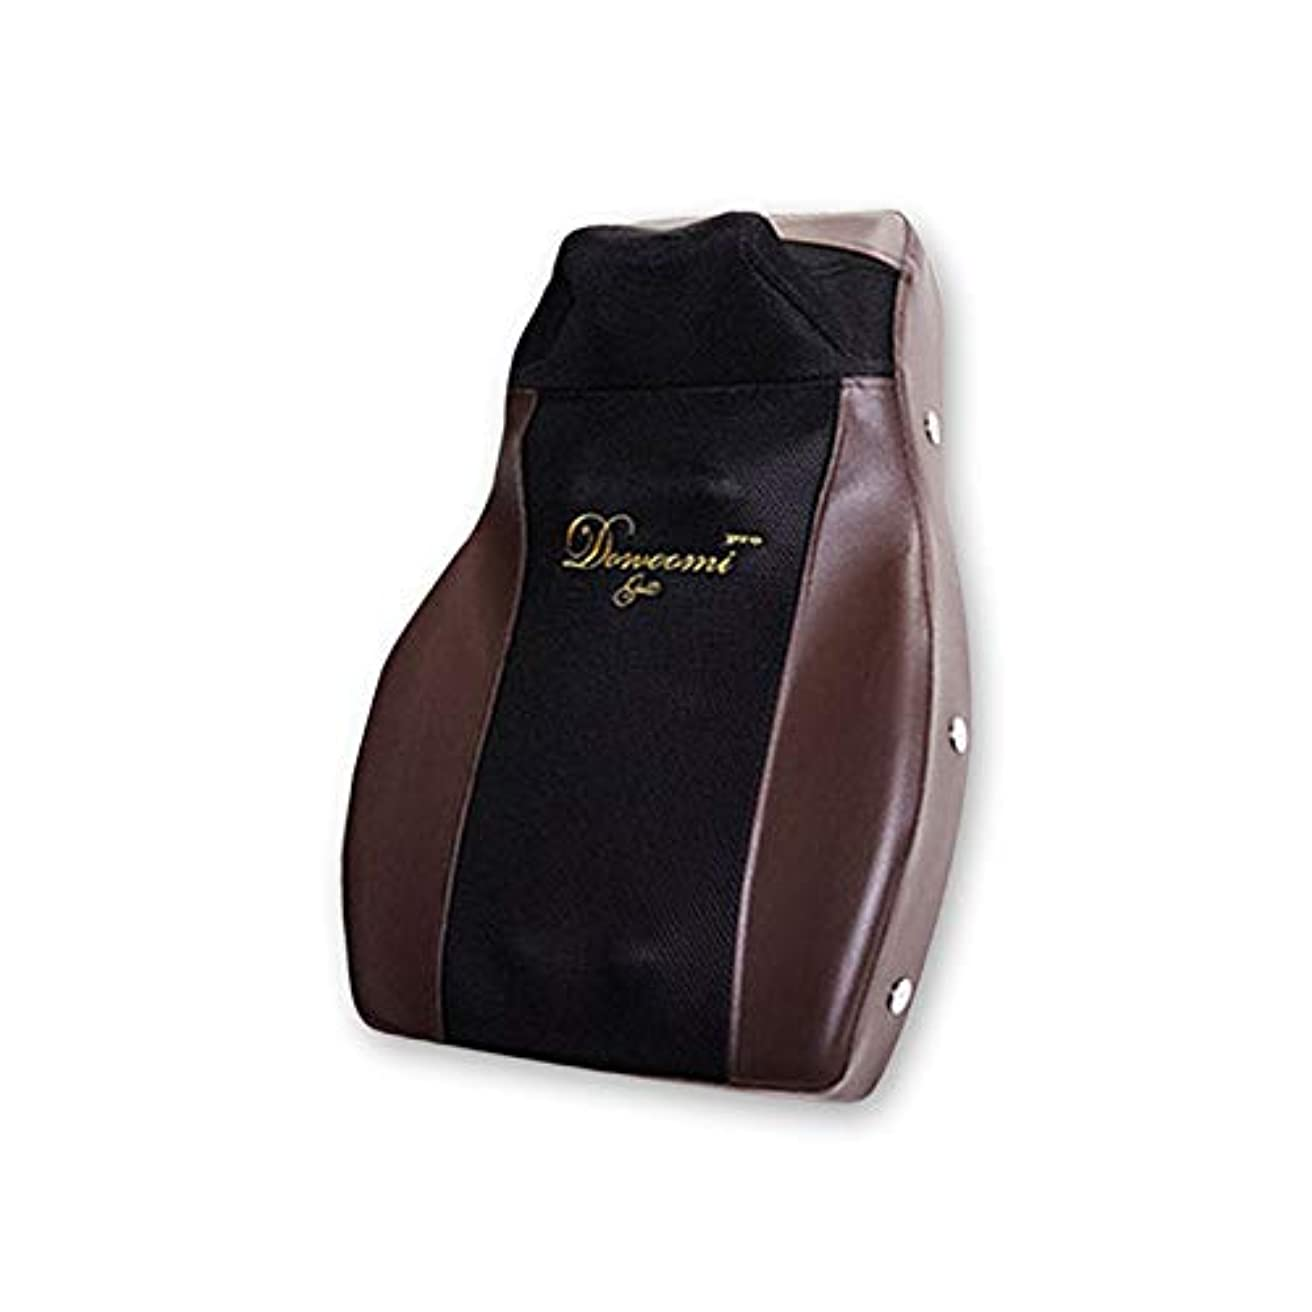 手首農場ウェイターWellbeing Dowoomi Massager Gold Pro ドウミ マッサージ クッション ゴールド プロ [並行輸入品]